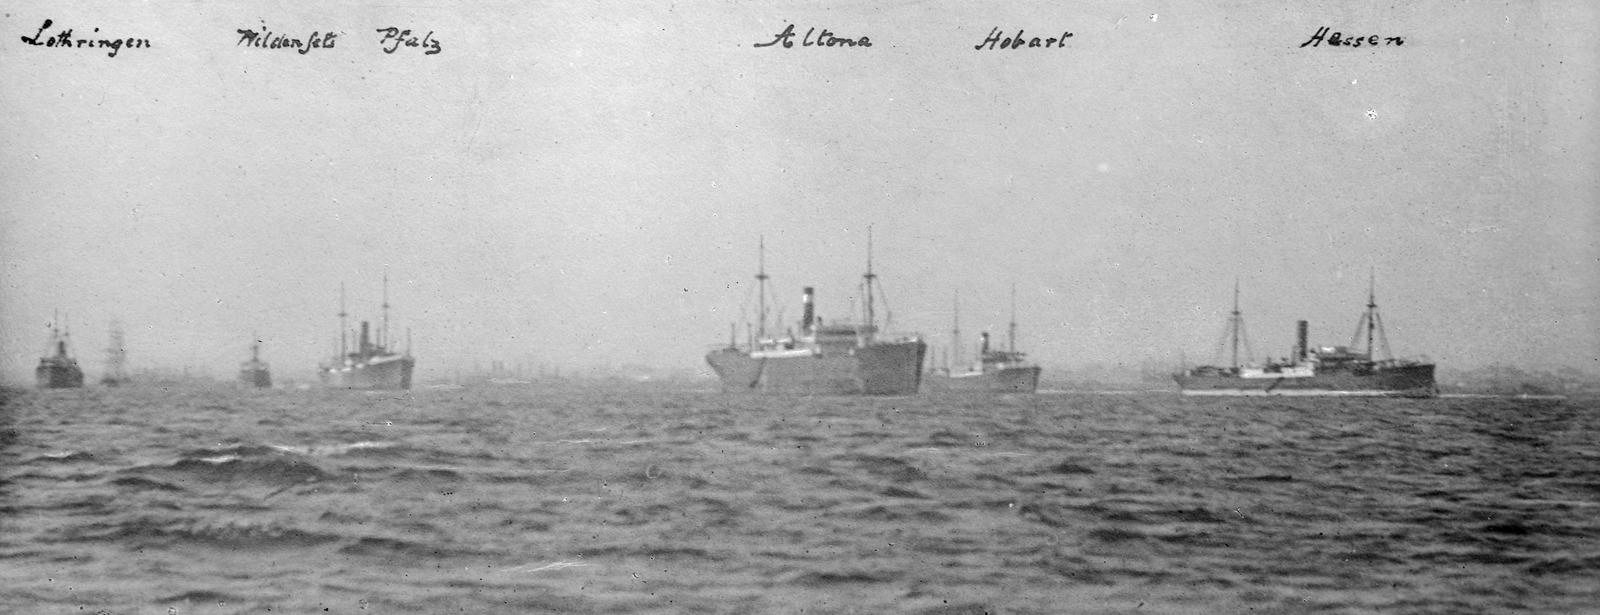 Hobson's Bay, September 1915